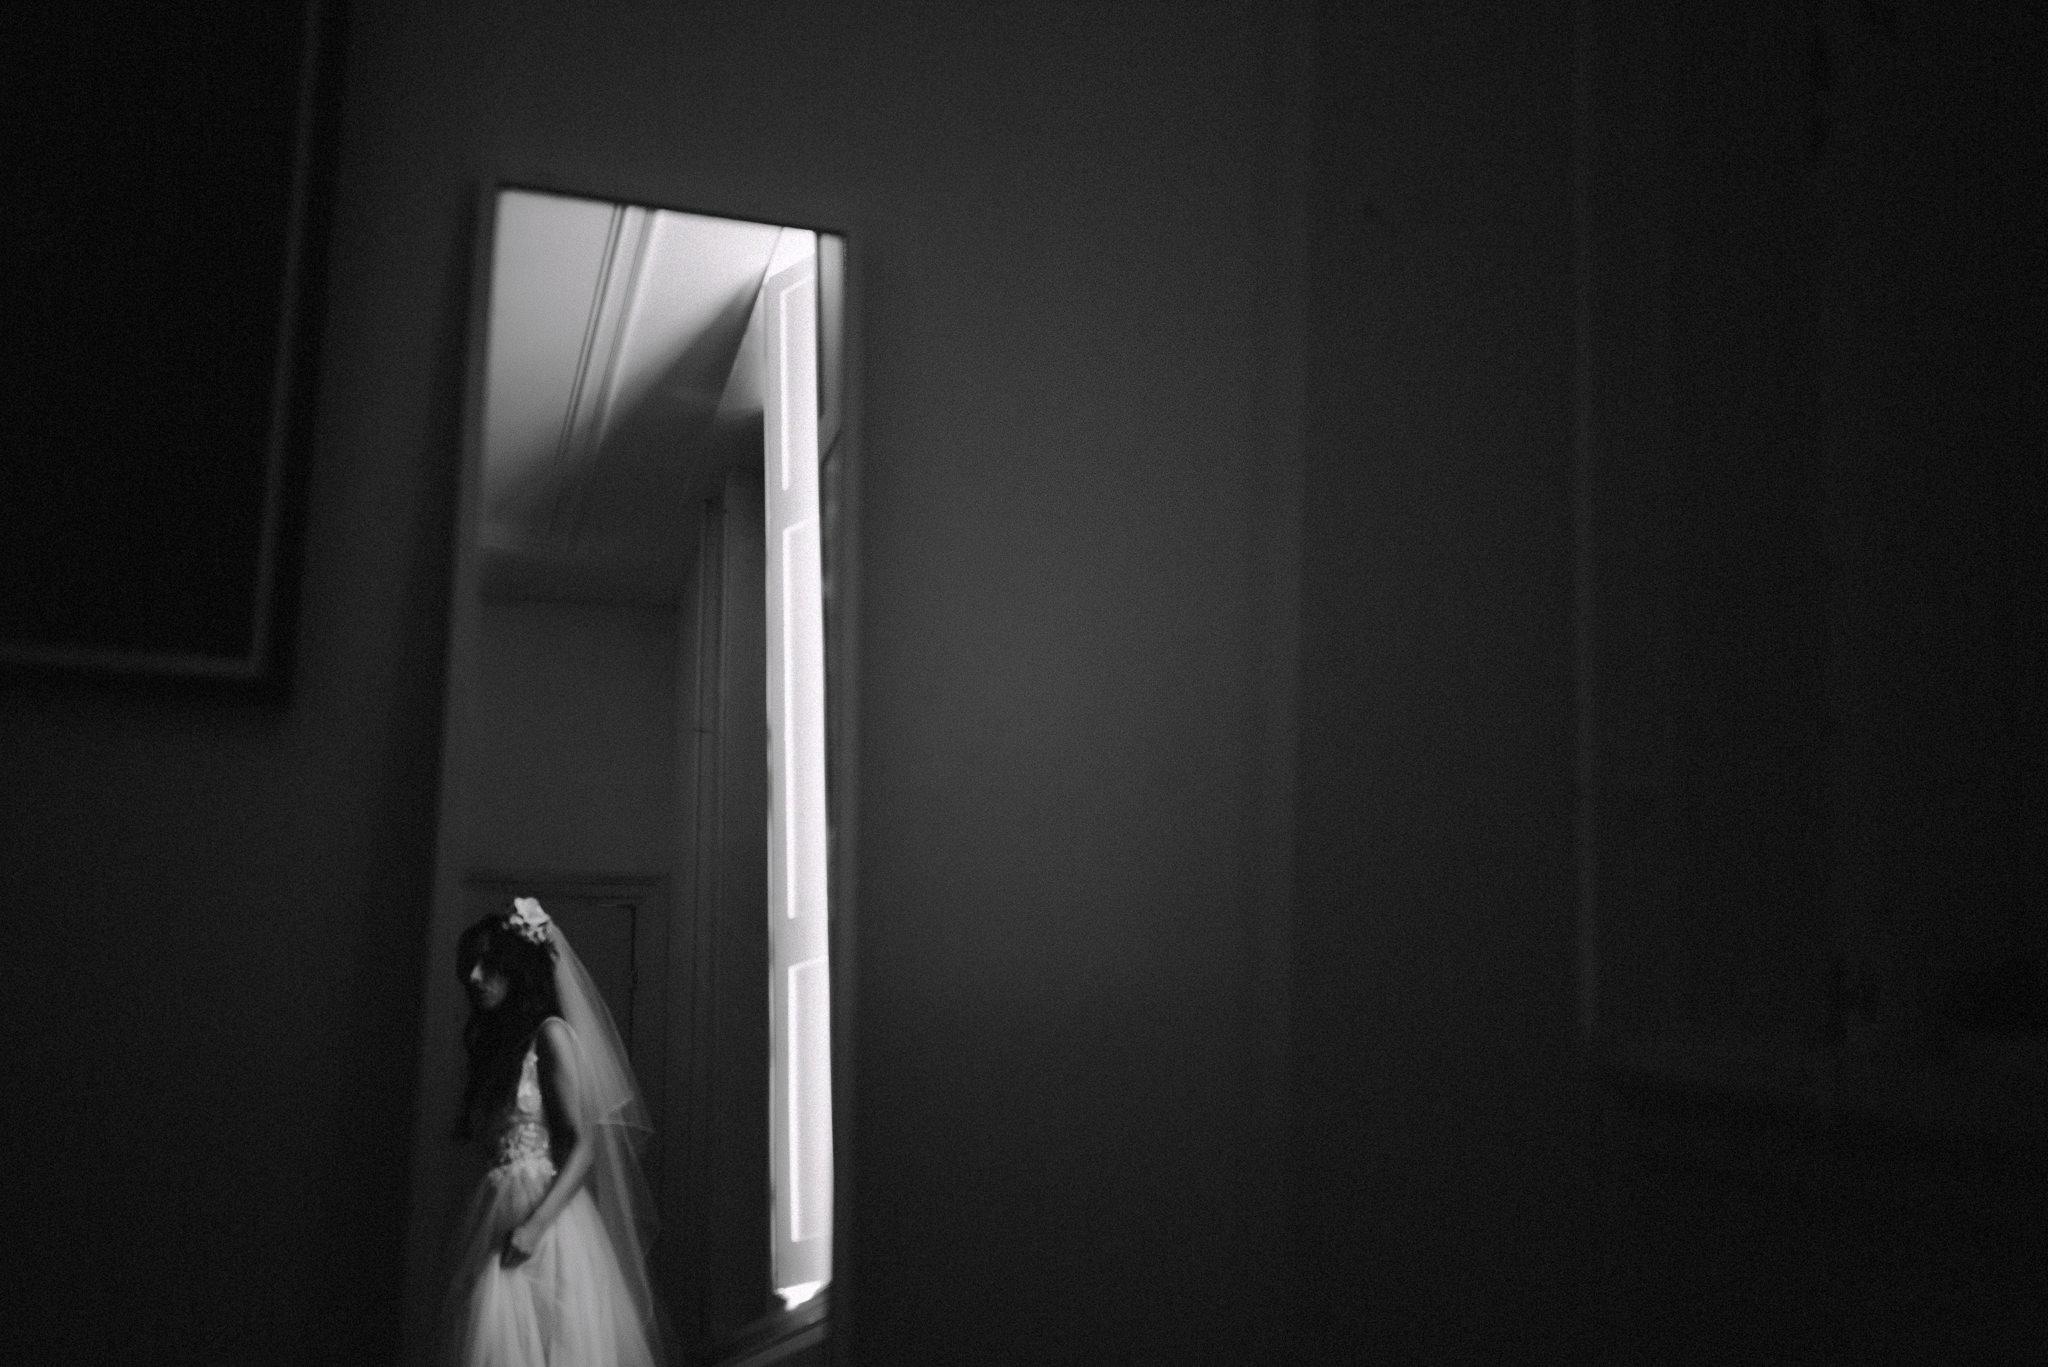 Bride seen through her bedroom door by window - photo by Naomi van der Kraan